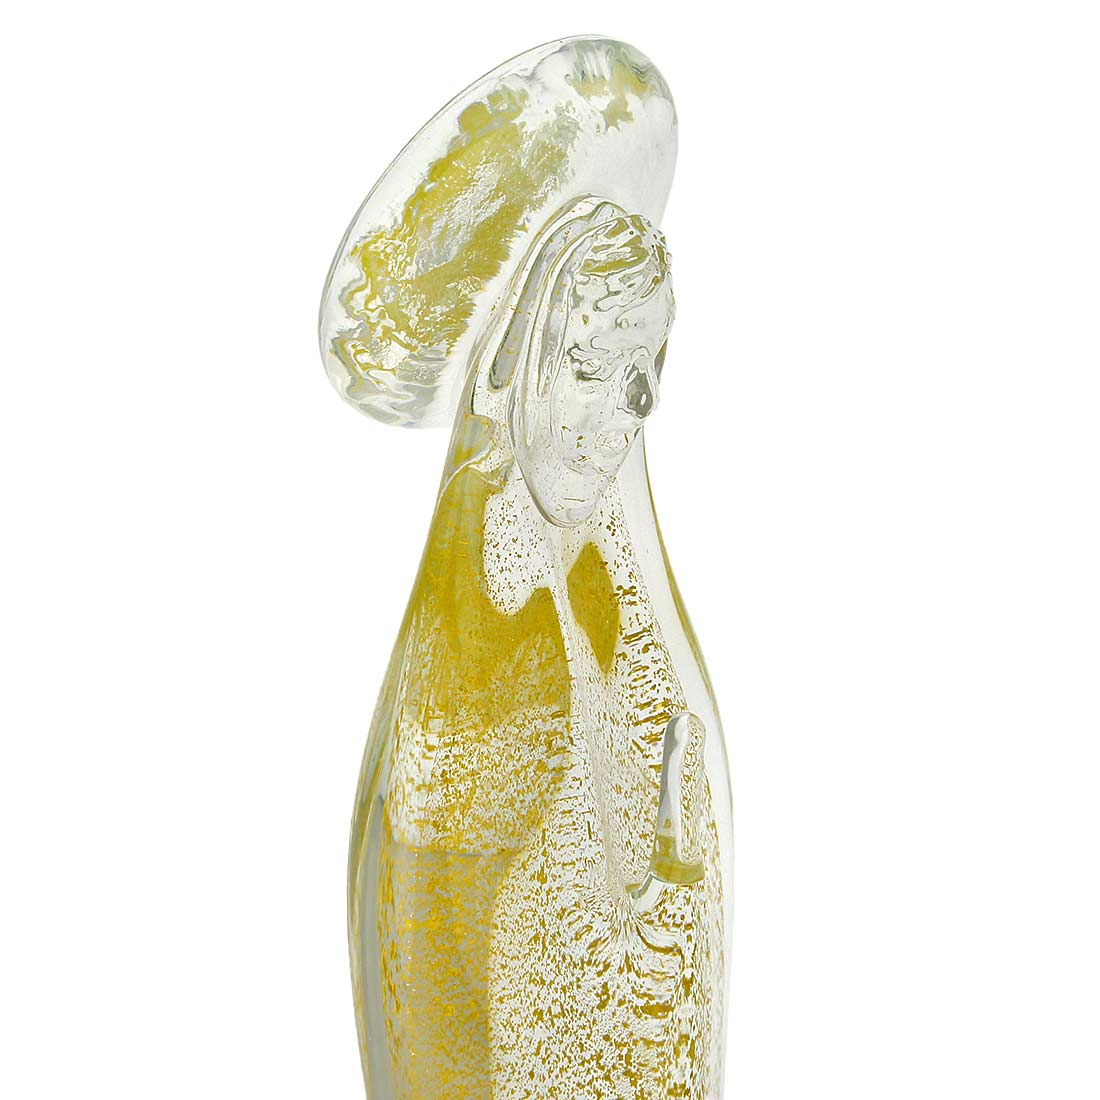 Murano Glass Madonna - Sparkling Gold